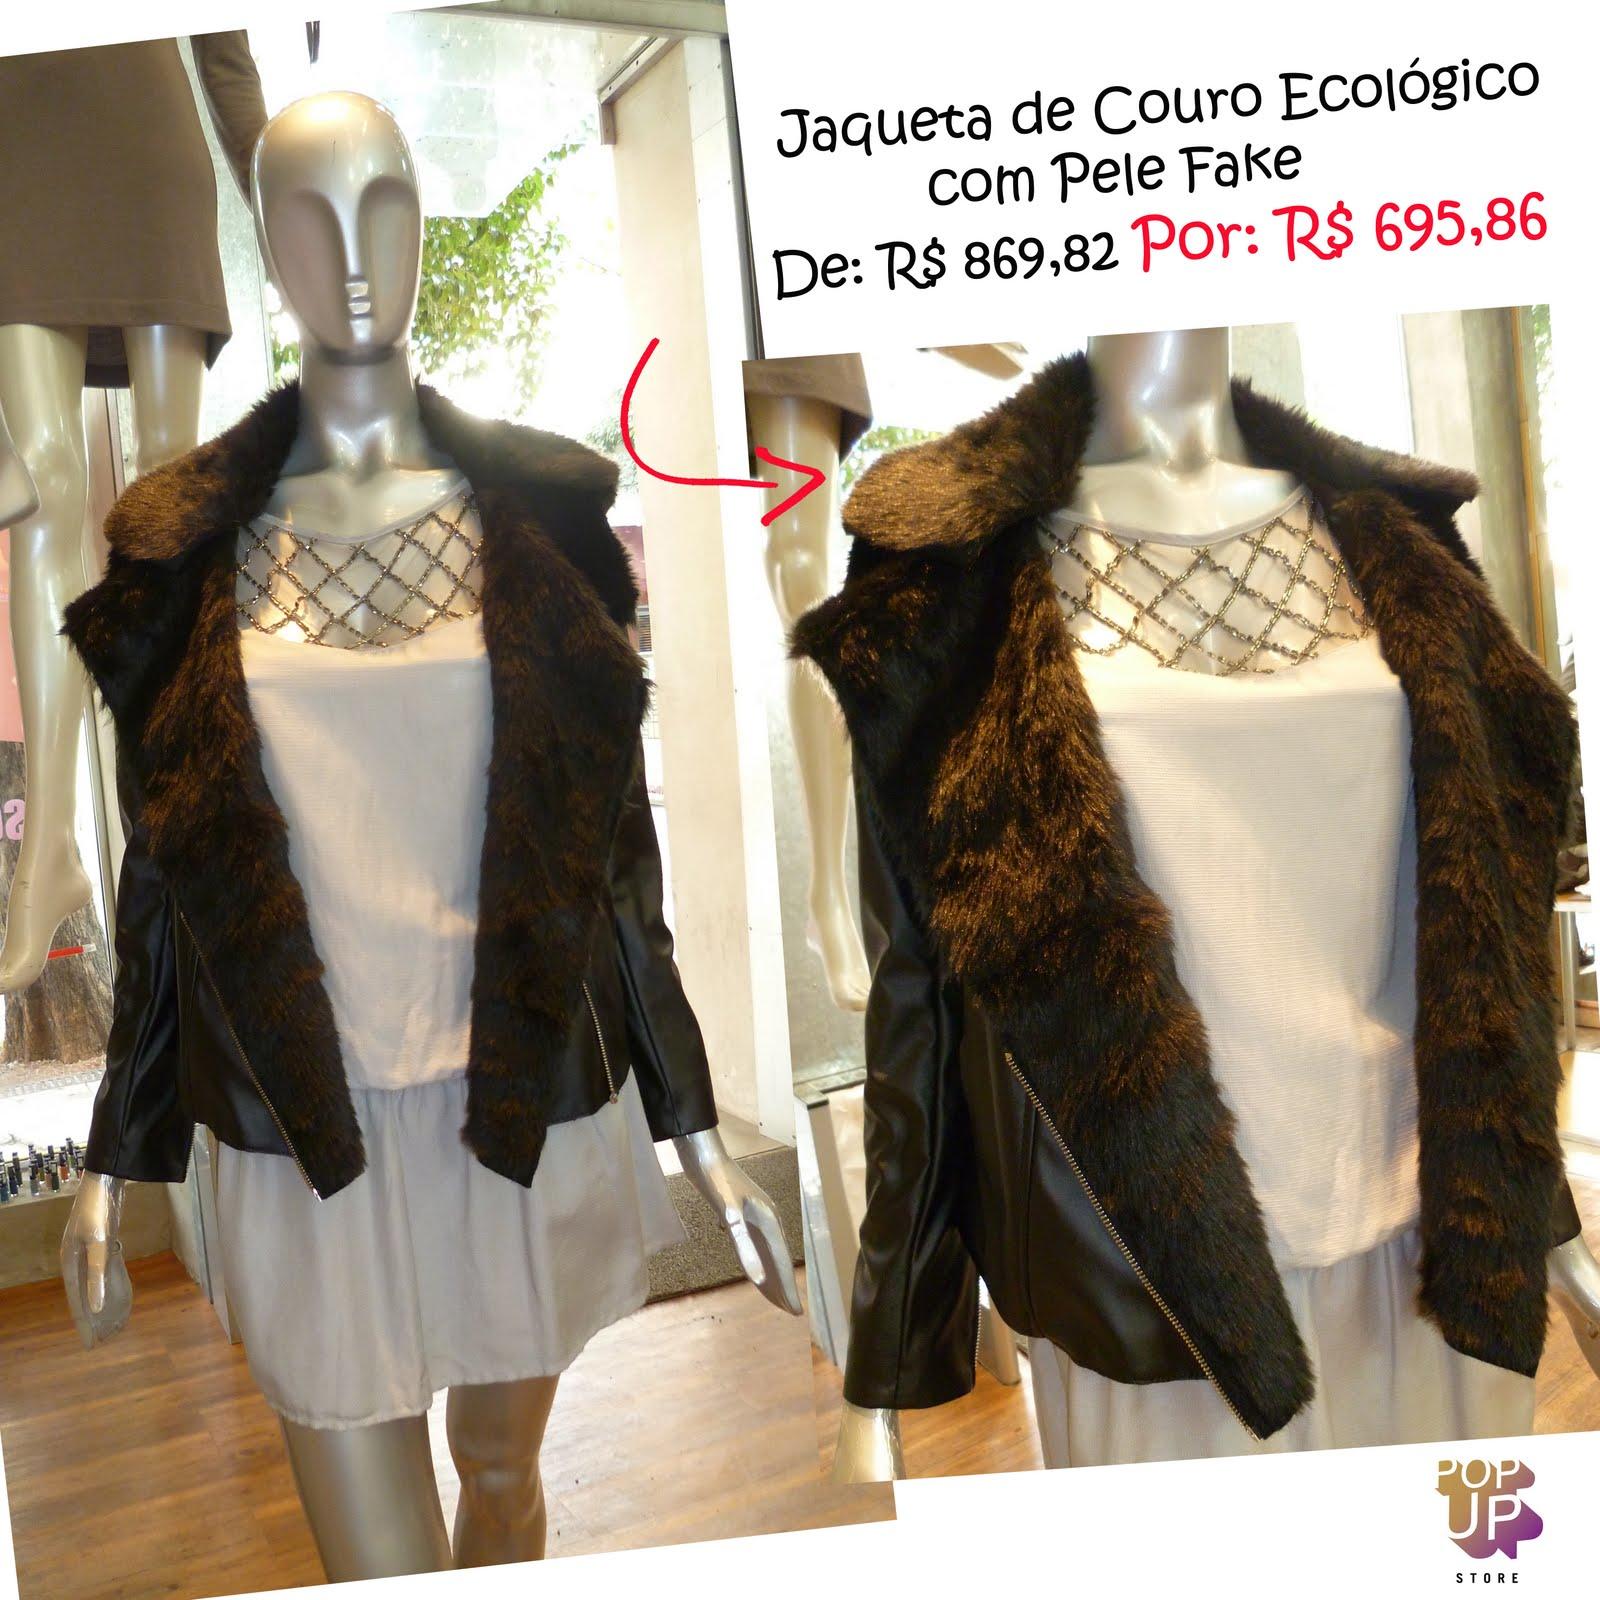 http://2.bp.blogspot.com/-5sHSVkQ7WvQ/TiSDLsAlP8I/AAAAAAAAByE/0LGICwahZNc/s1600/jacket.jpg